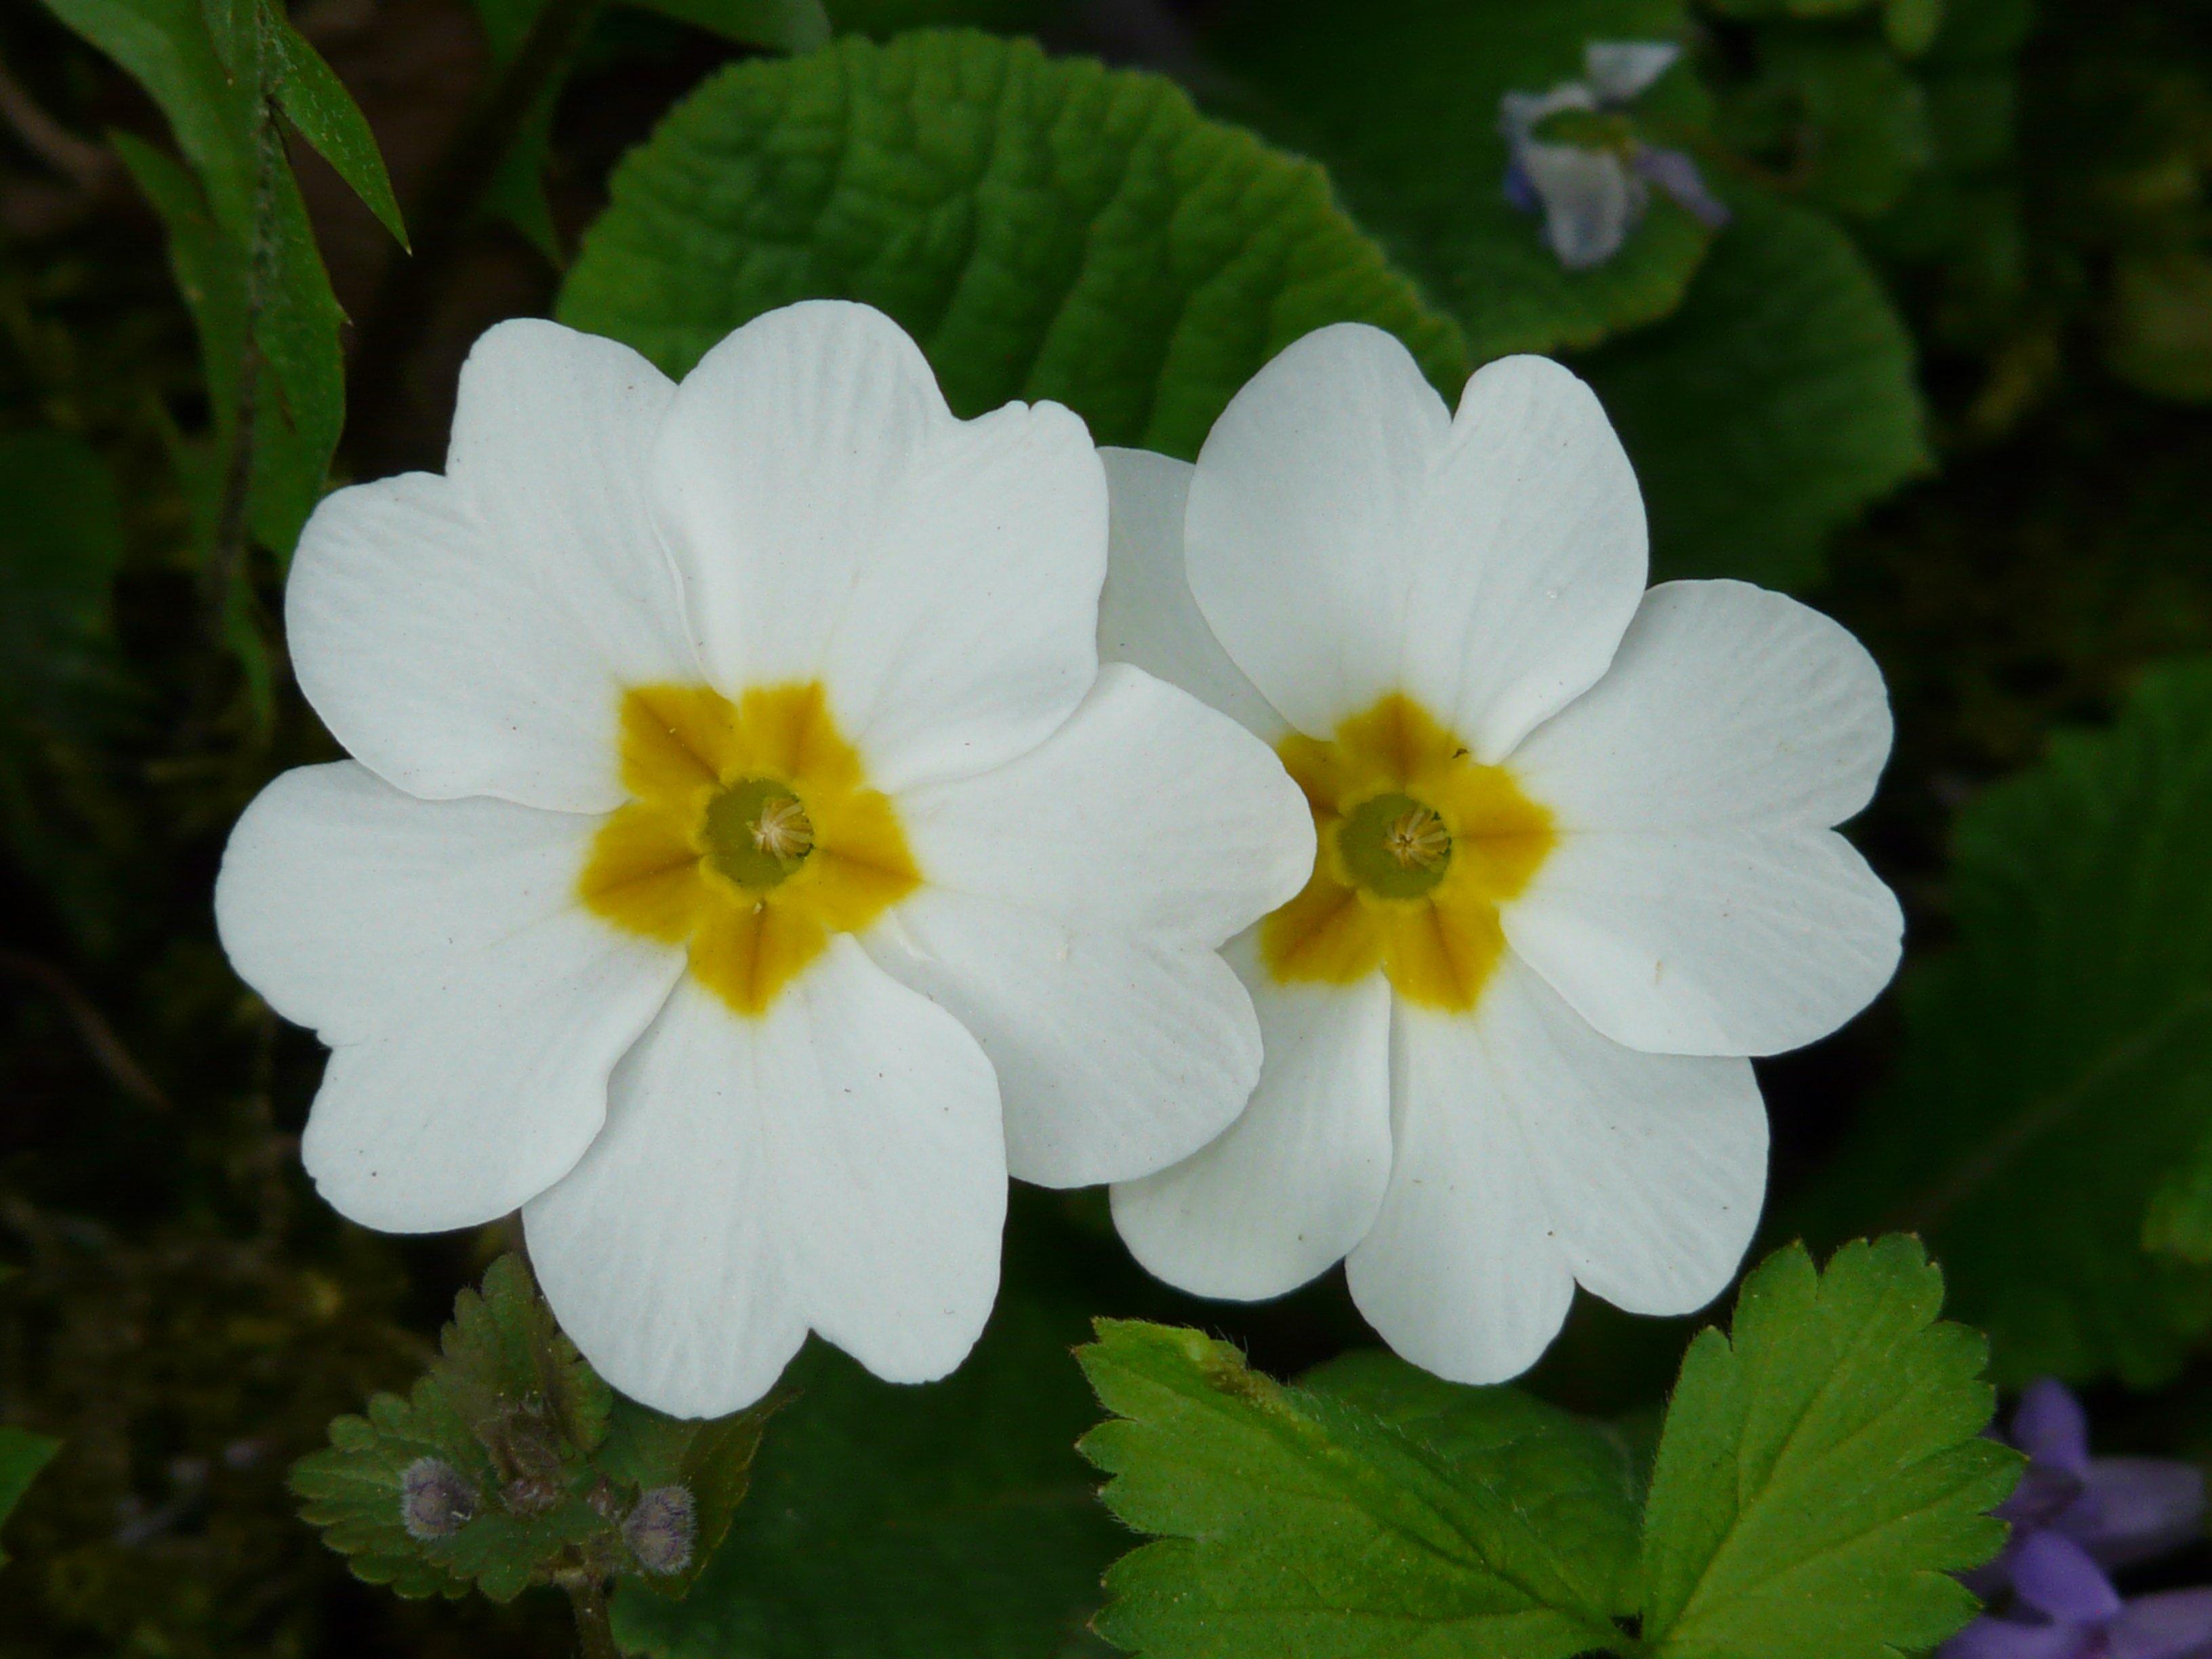 Free Images Blossom White Flower Petal Bloom Color Botany